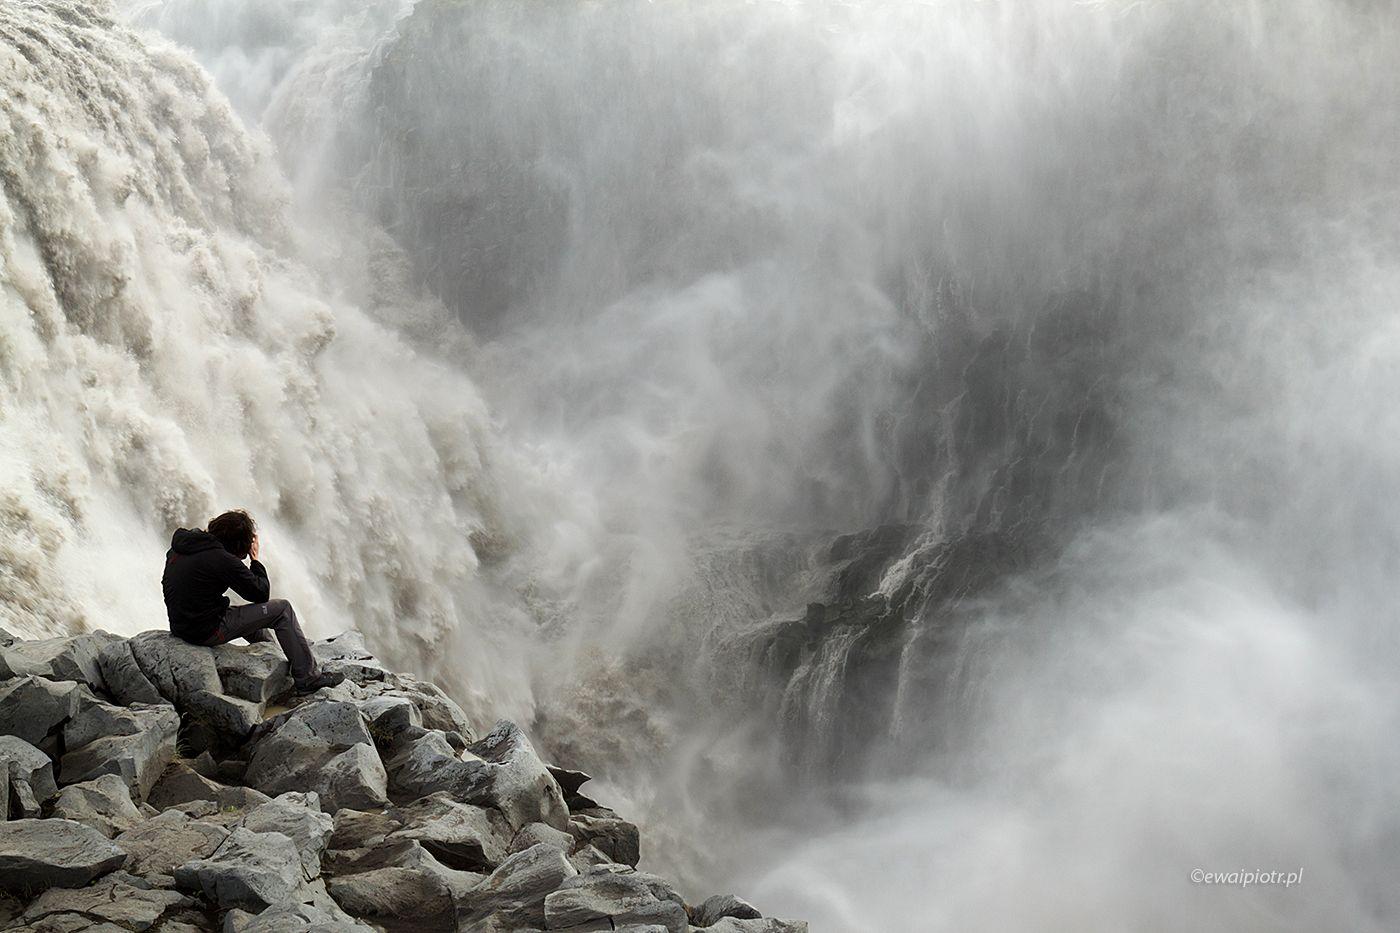 Siedząc nad wodospadem Dettifoss, Islandia, warsztaty foto